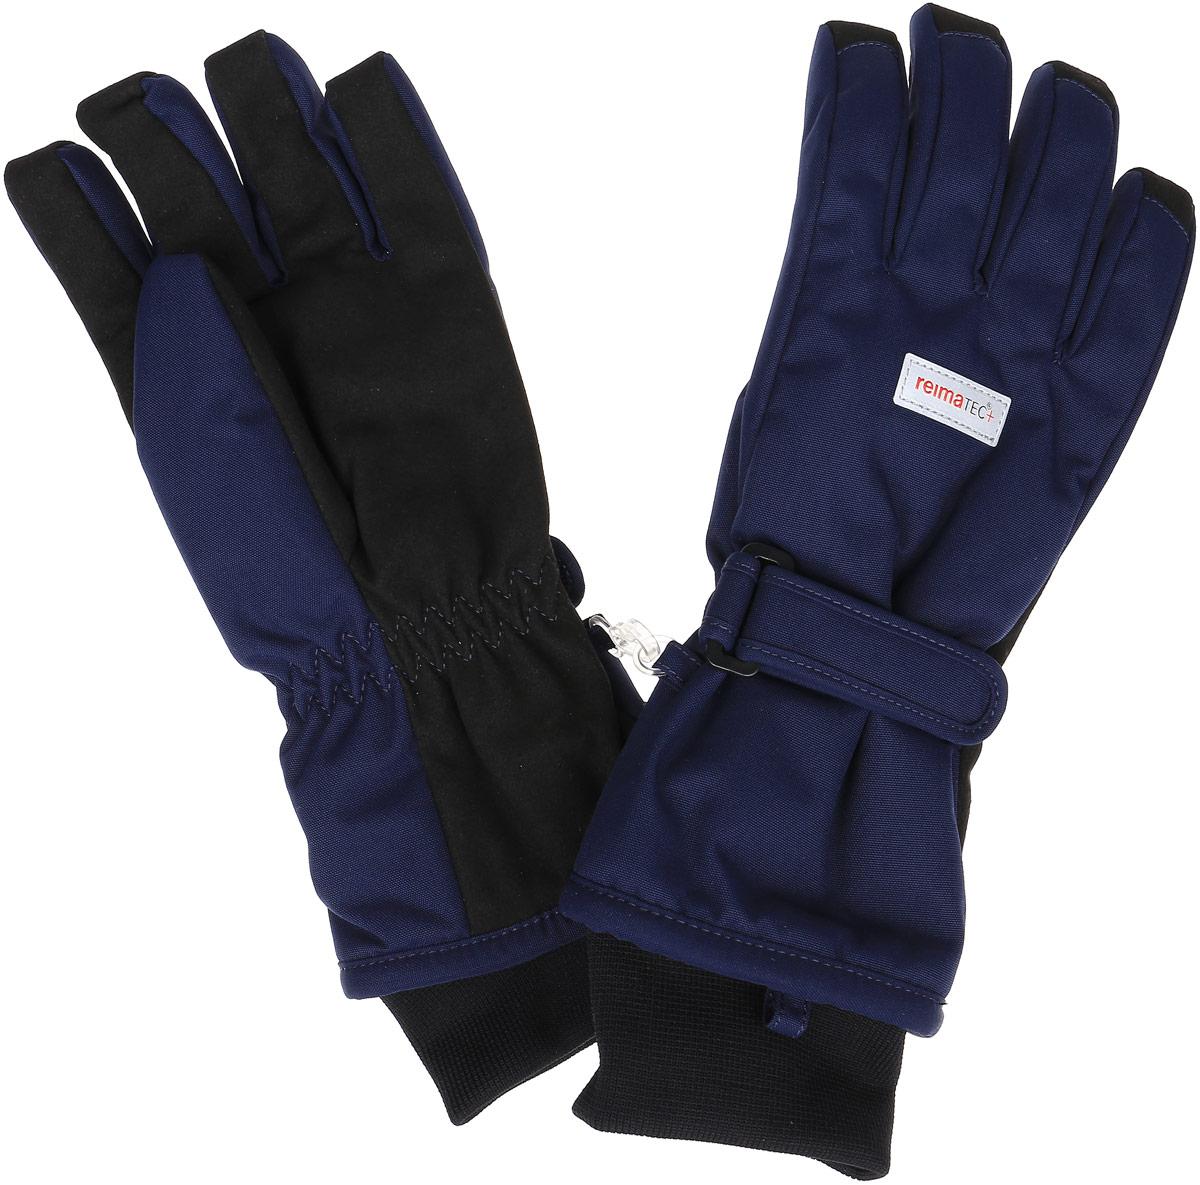 Перчатки детские527251-4620Детские перчатки Reima Reimatec+ Tartu станут идеальным вариантом для холодной зимней погоды. На подкладке используется высококачественный полиэстер, который хорошо удерживает тепло. Для большего удобства на запястьях перчатки дополнены хлястиками на липучках с внешней стороны, а на ладошках, кончиках пальцев и с внутренней стороны большого пальца - усиленными водонепроницаеми вставками Hipora. Теплая флисовая подкладка дарит коже ощущение комфорта и уюта. С внешней стороны перчатки оформлены светоотражающими нашивками с логотипом бренда. Высокая степень утепления. Перчатки станут идеальным вариантом для прохладной погоды, в них ребенку будет тепло и комфортно. Водонепроницаемость: Waterpillar over 10 000 mm